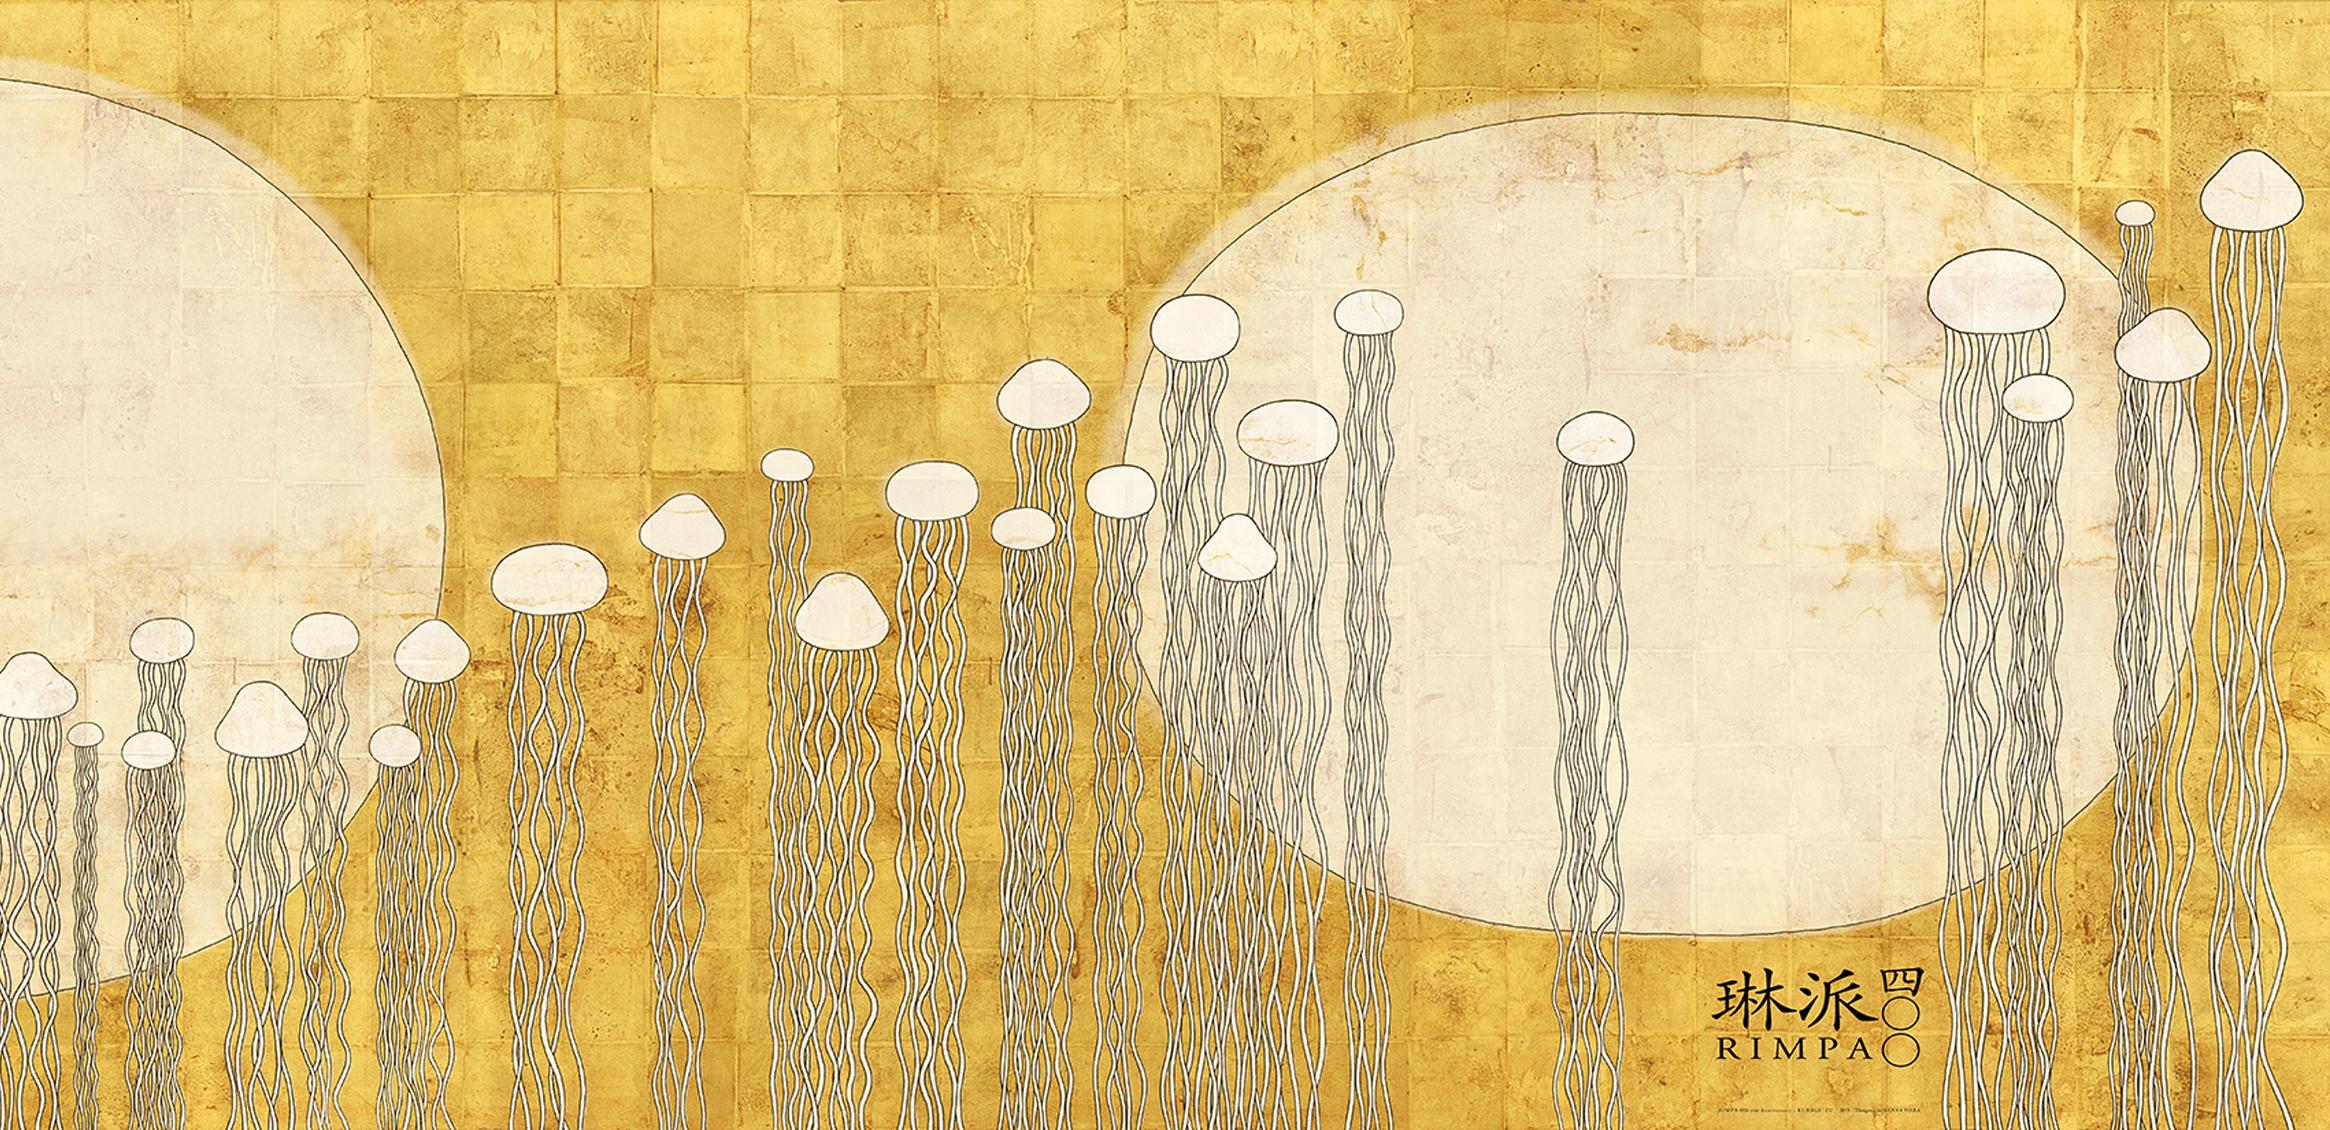 21世紀琳派ポスターズ「海月図」2枚目